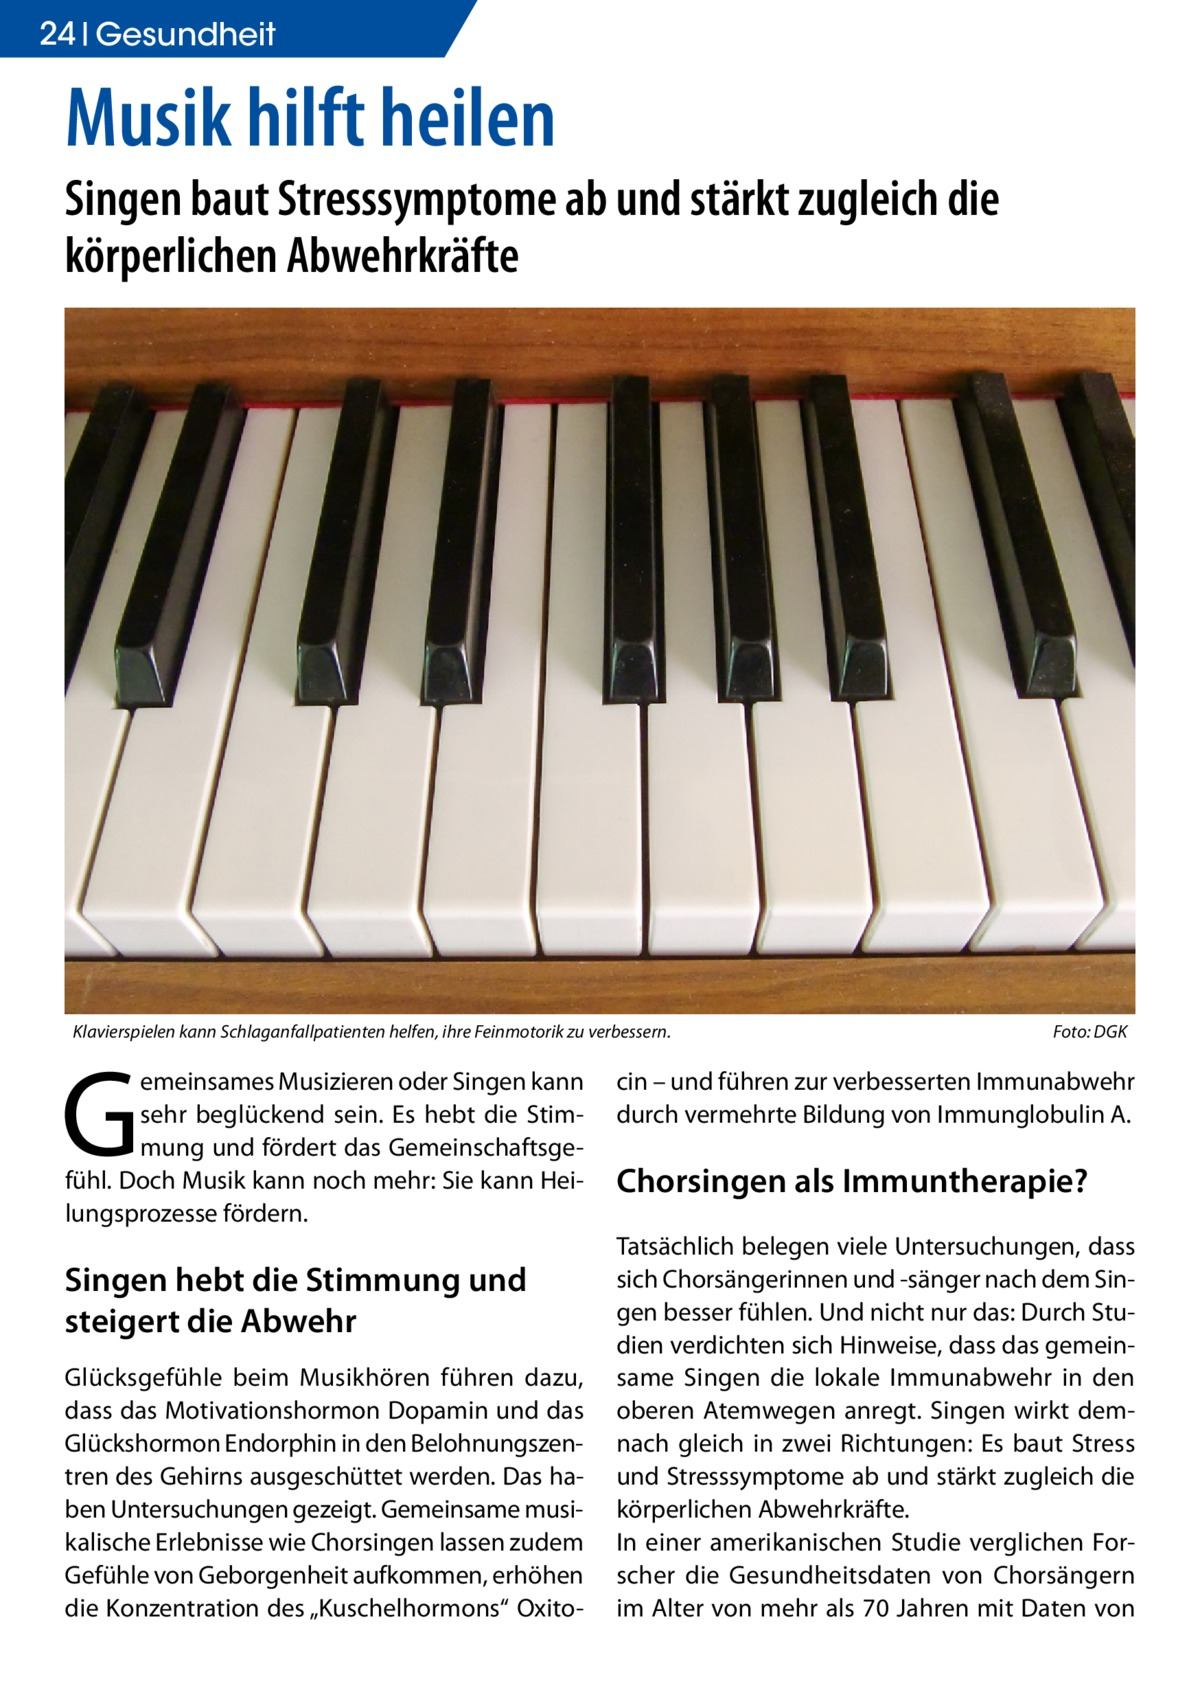 """24 Gesundheit  Musik hilft heilen  Singen baut Stresssymptome ab und stärkt zugleich die körperlichen Abwehrkräfte  Klavierspielen kann Schlaganfallpatienten helfen, ihre Feinmotorik zu verbessern.�  G  emeinsames Musizieren oder Singen kann sehr beglückend sein. Es hebt die Stimmung und fördert das Gemeinschaftsgefühl. Doch Musik kann noch mehr: Sie kann Heilungsprozesse fördern.  Singen hebt die Stimmung und steigert die Abwehr Glücksgefühle beim Musikhören führen dazu, dass das Motivationshormon Dopamin und das Glückshormon Endorphin in den Belohnungszentren des Gehirns ausgeschüttet werden. Das haben Untersuchungen gezeigt. Gemeinsame musikalische Erlebnisse wie Chorsingen lassen zudem Gefühle von Geborgenheit aufkommen, erhöhen die Konzentration des """"Kuschelhormons"""" Oxito Foto: DGK  cin – und führen zur verbesserten Immunabwehr durch vermehrte Bildung von Immunglobulin A.  Chorsingen als Immuntherapie? Tatsächlich belegen viele Untersuchungen, dass sich Chorsängerinnen und -sänger nach dem Singen besser fühlen. Und nicht nur das: Durch Studien verdichten sich Hinweise, dass das gemeinsame Singen die lokale Immunabwehr in den oberen Atemwegen anregt. Singen wirkt demnach gleich in zwei Richtungen: Es baut Stress und Stresssymptome ab und stärkt zugleich die körperlichen Abwehrkräfte. In einer amerikanischen Studie verglichen Forscher die Gesundheitsdaten von Chorsängern im Alter von mehr als 70 Jahren mit Daten von"""